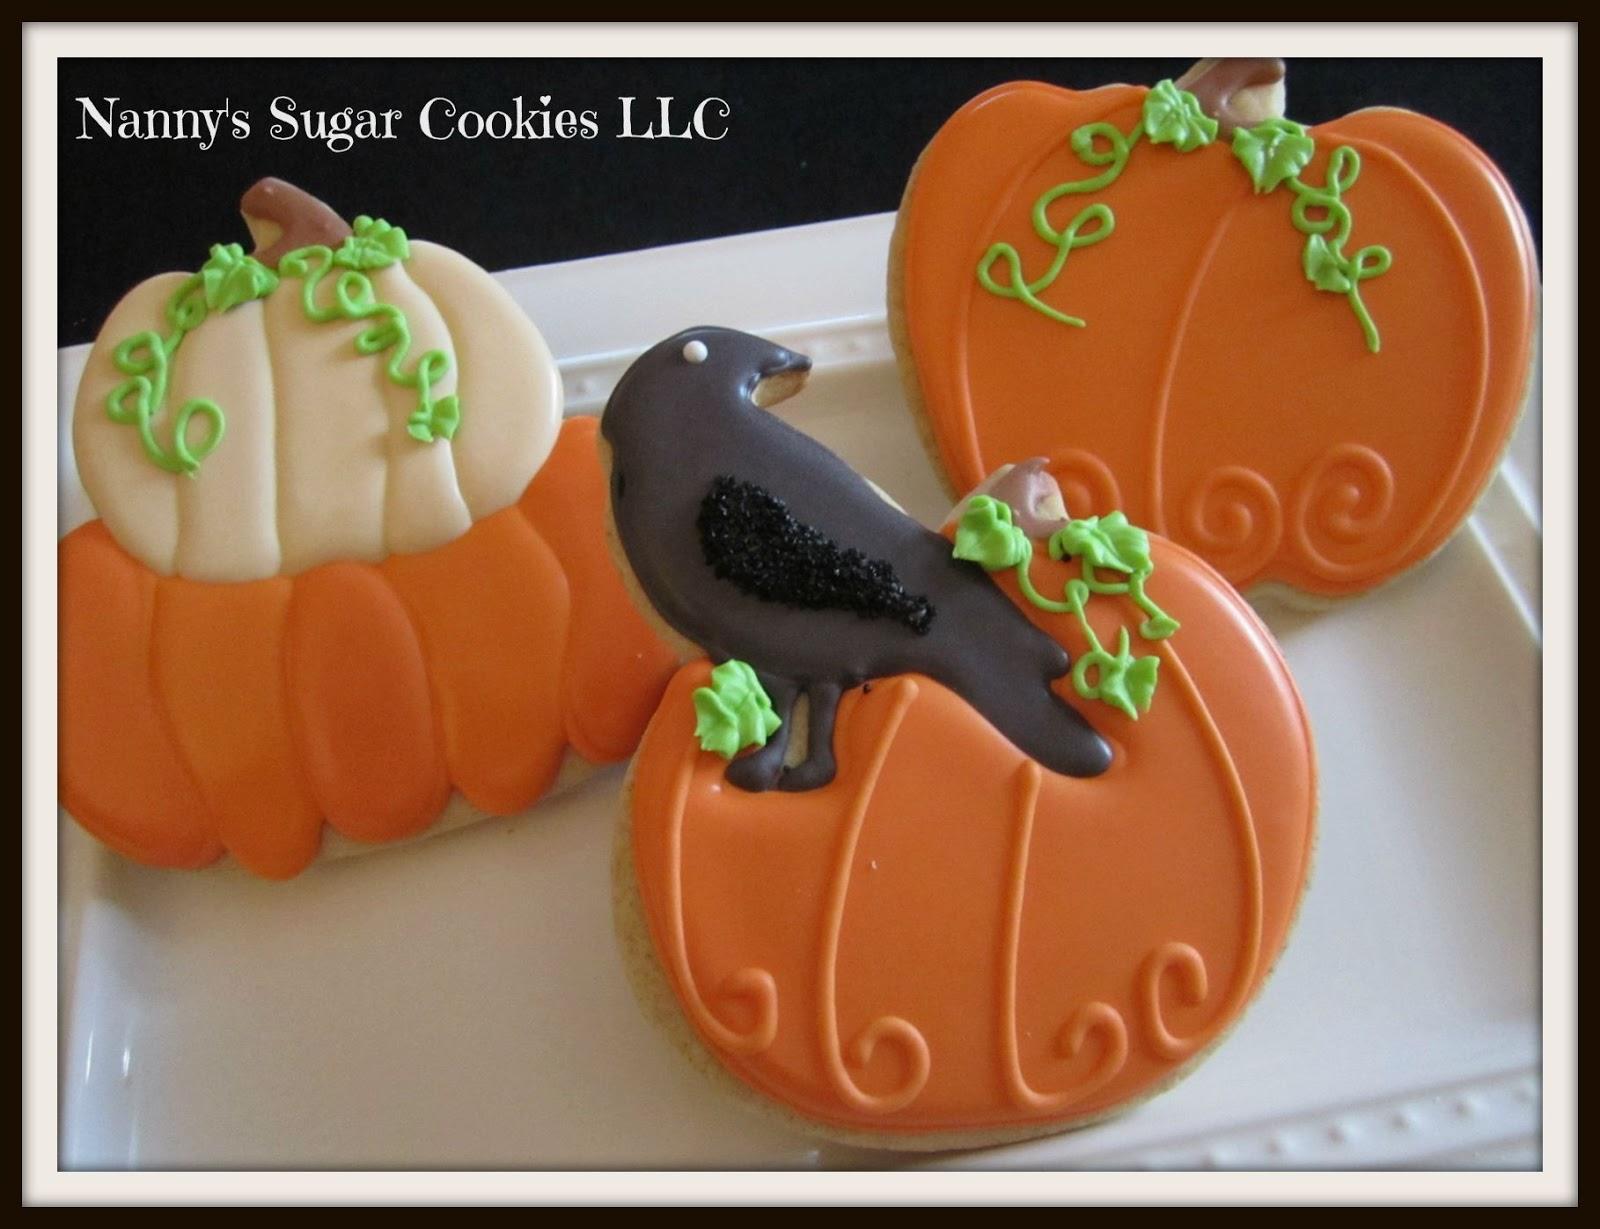 Nanny's Sugar Cookies LLC: October 2015